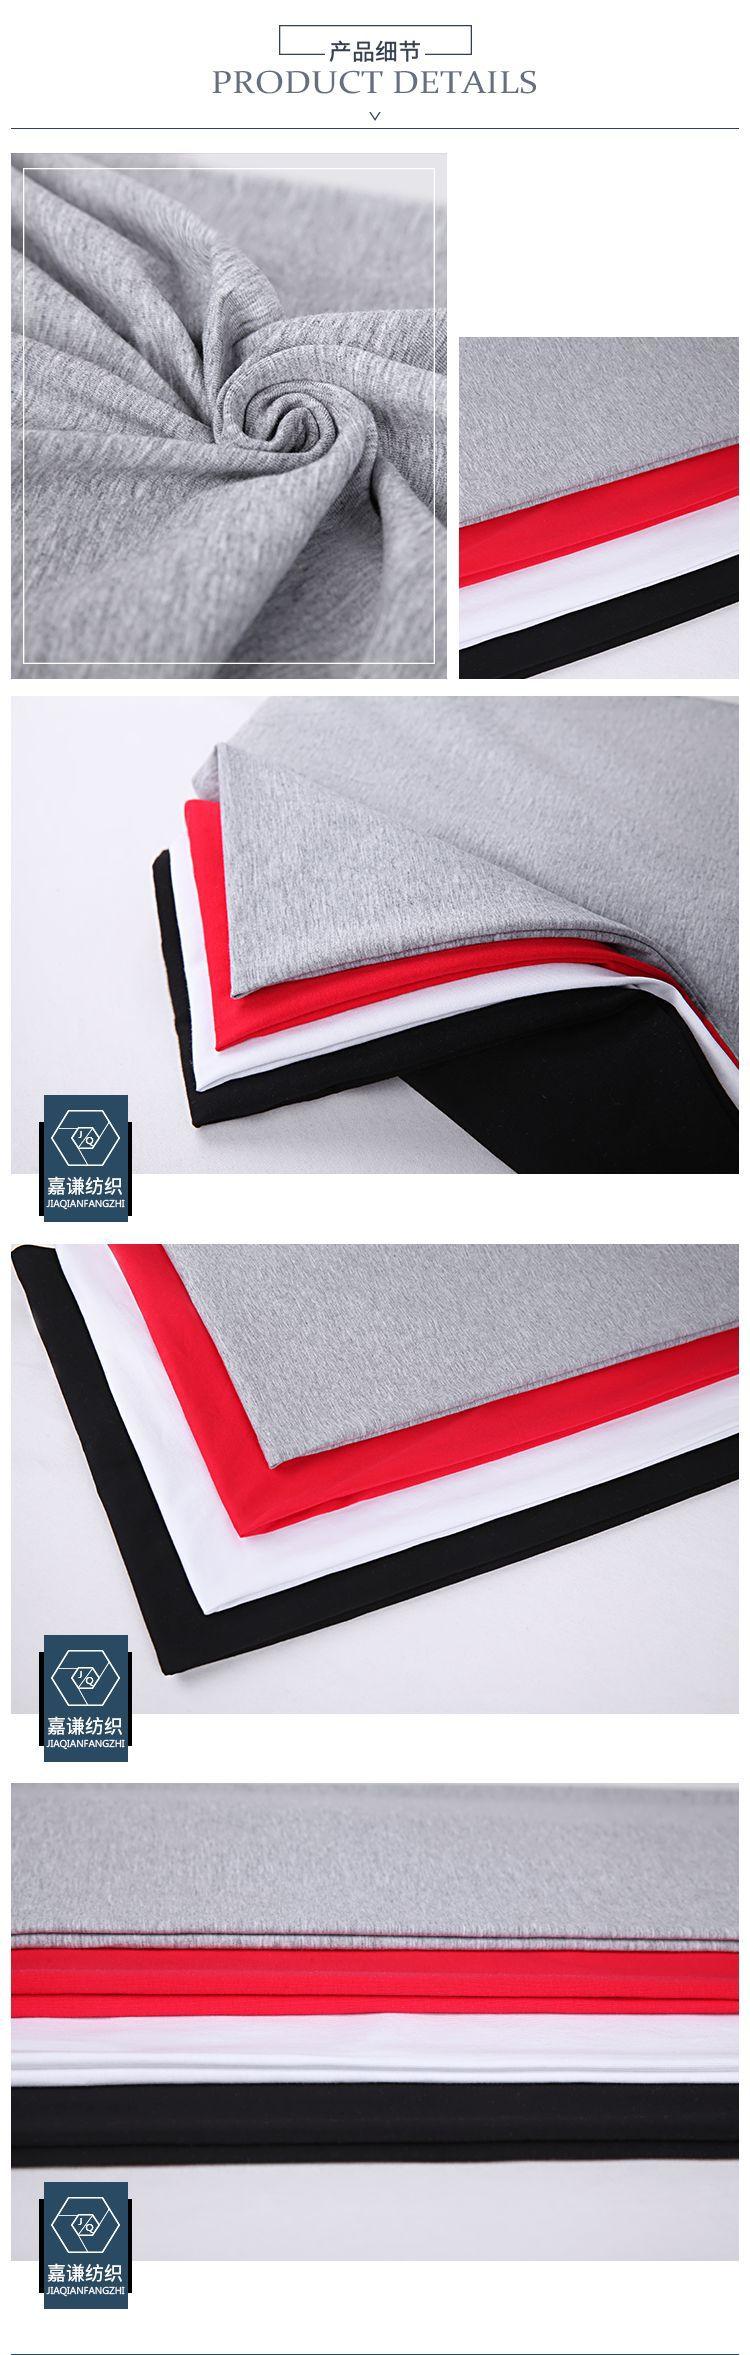 1188 Audel Racking Plain Fabric Spring/Summer T-shirt Fabric Knitwear Jersey